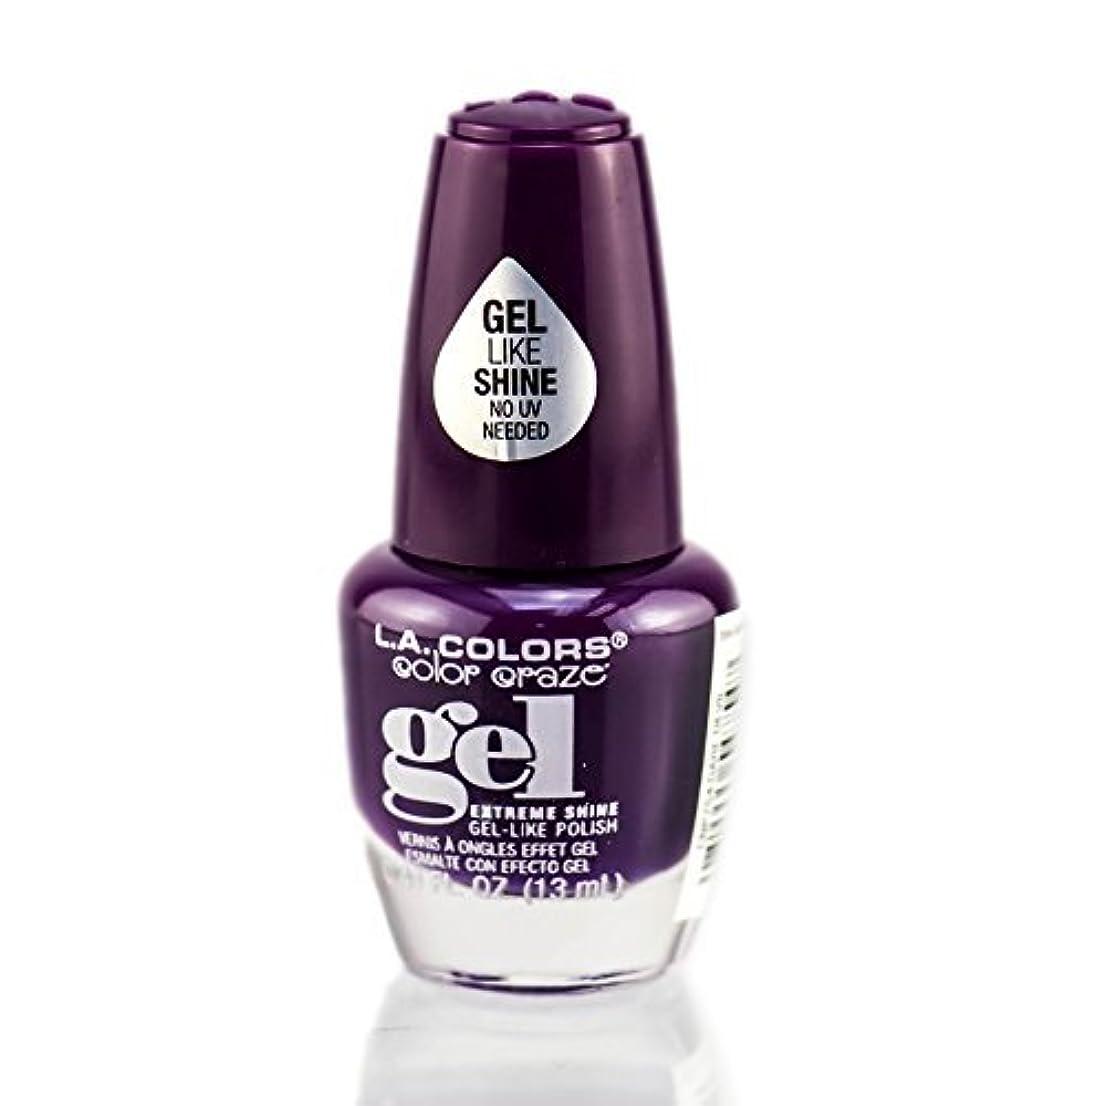 糞噴出する気まぐれなLA Colors 美容化粧品21 Cnp754美容化粧品21